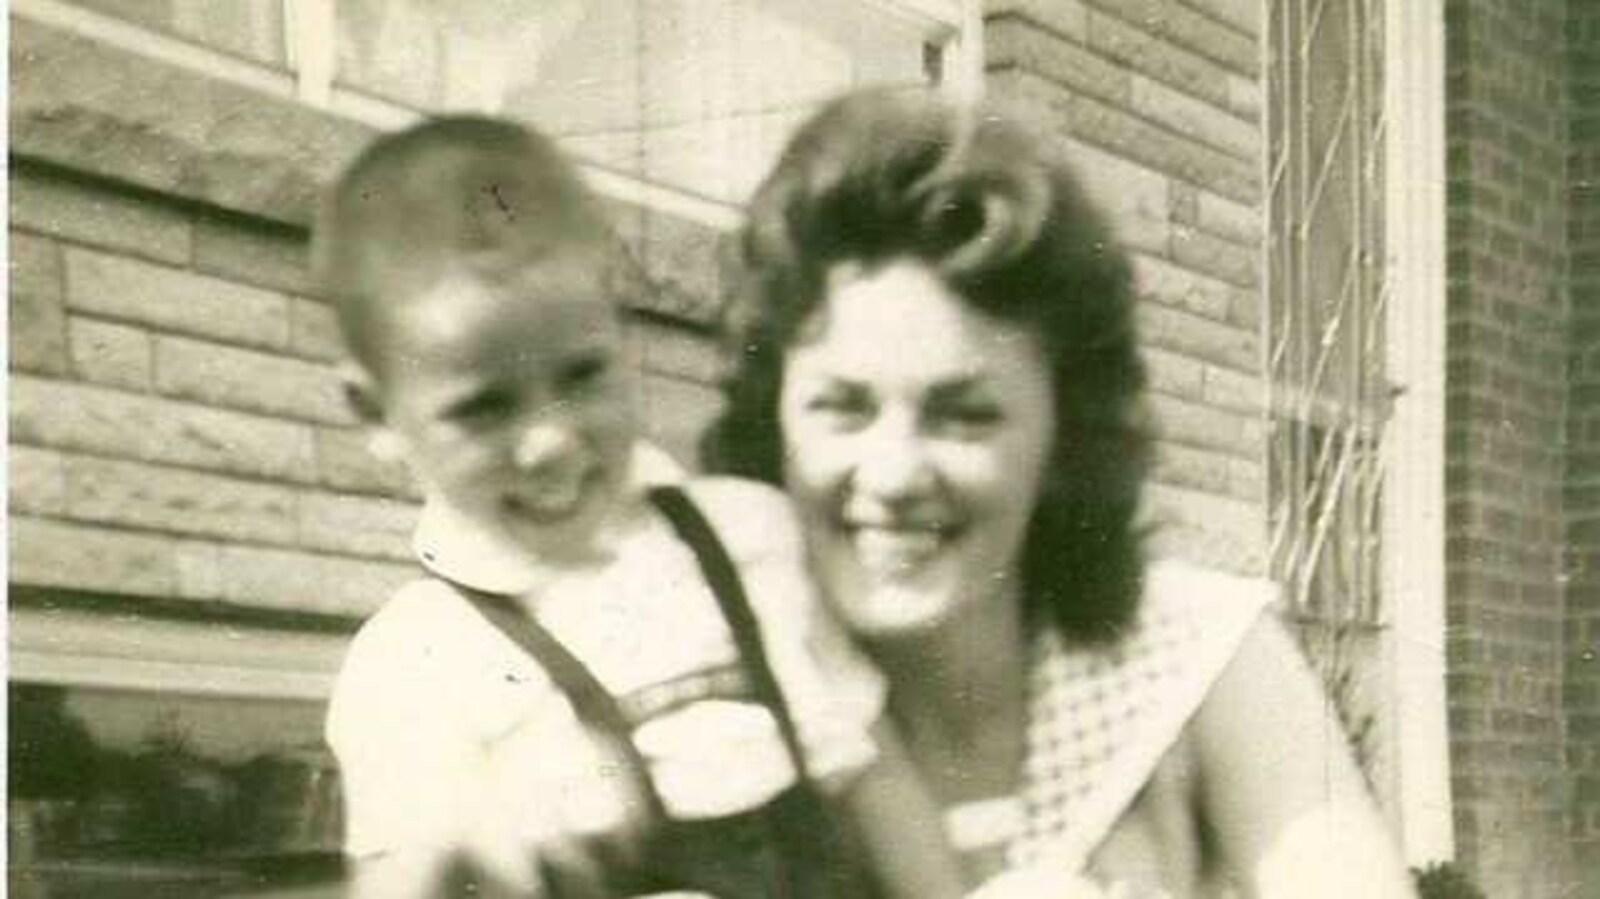 Photo ancienne montrant une femme et son jeune fils